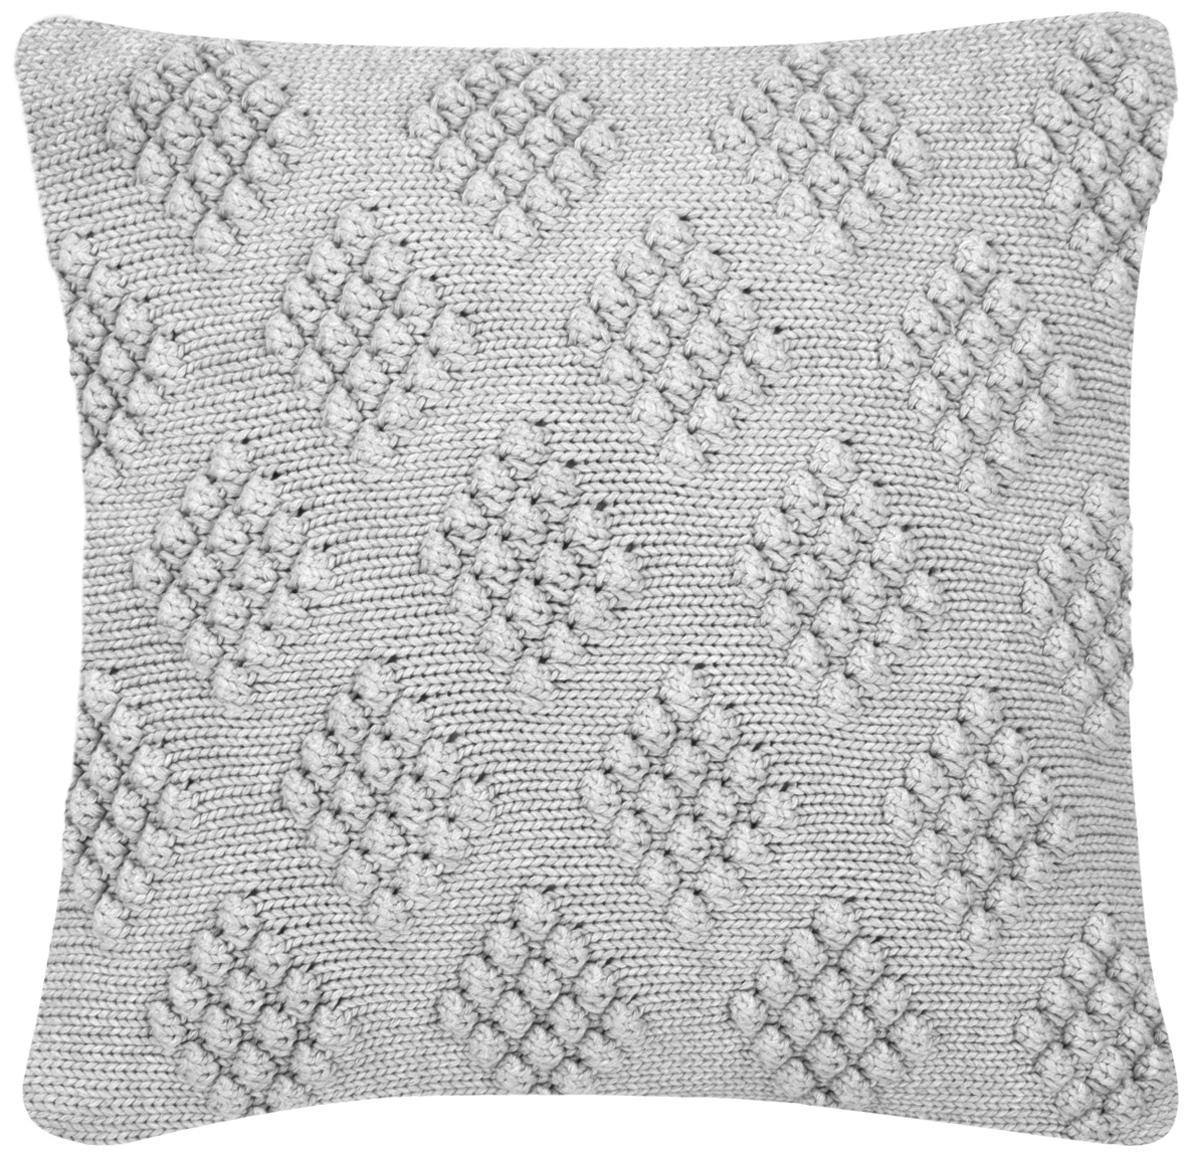 Federa arredo fatta a maglia Kelly, 100% cotone, Grigio chiaro, Larg. 40 x Lung. 40 cm